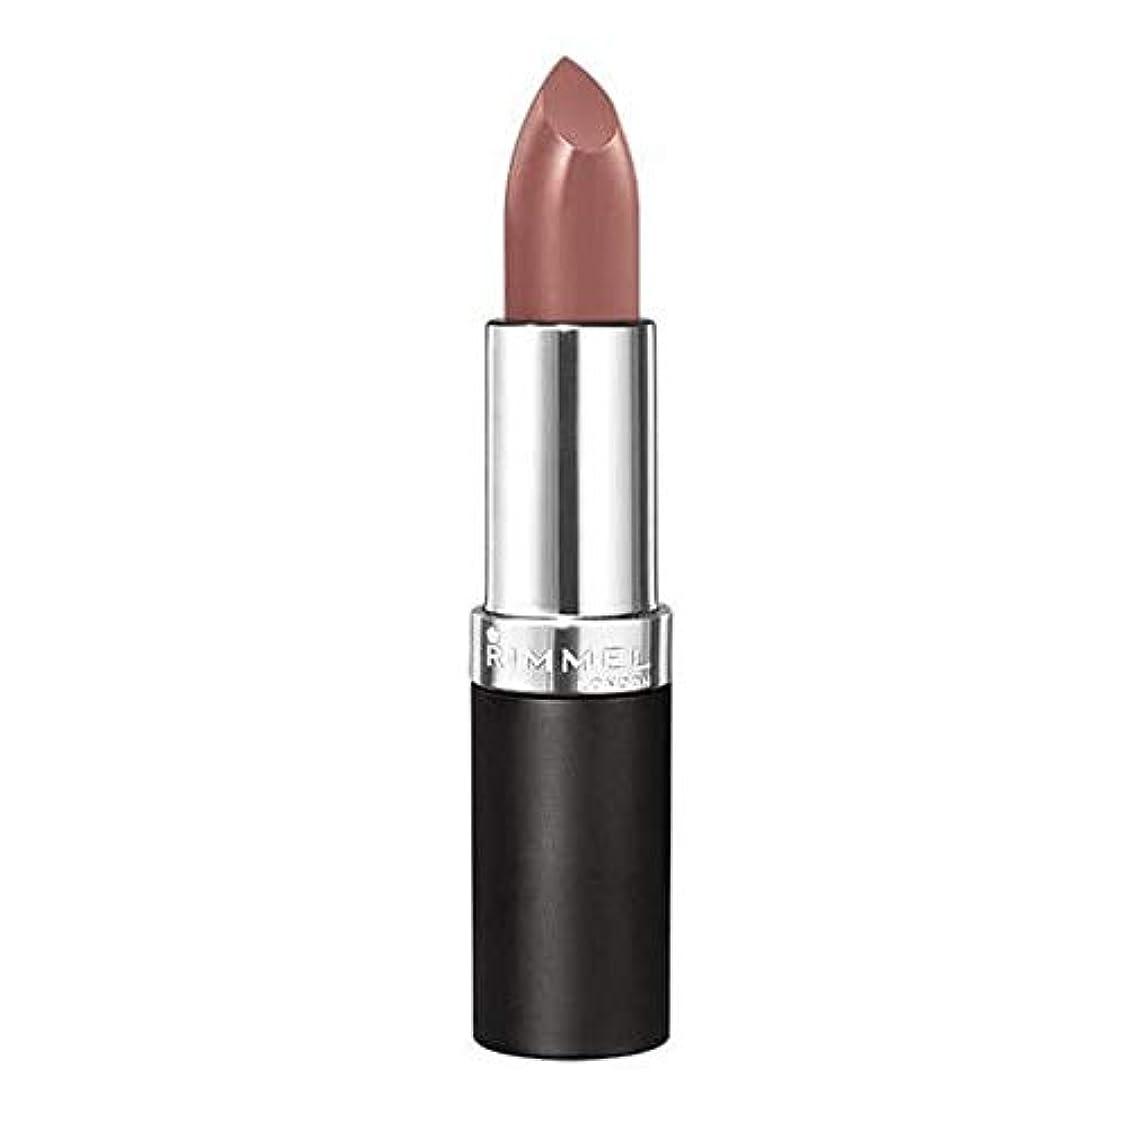 つまずく吸うポテト[Rimmel ] 仕上げの口紅を持続リンメルが汚れます - Rimmel Lasting Finish Lipstick Get Dirty [並行輸入品]